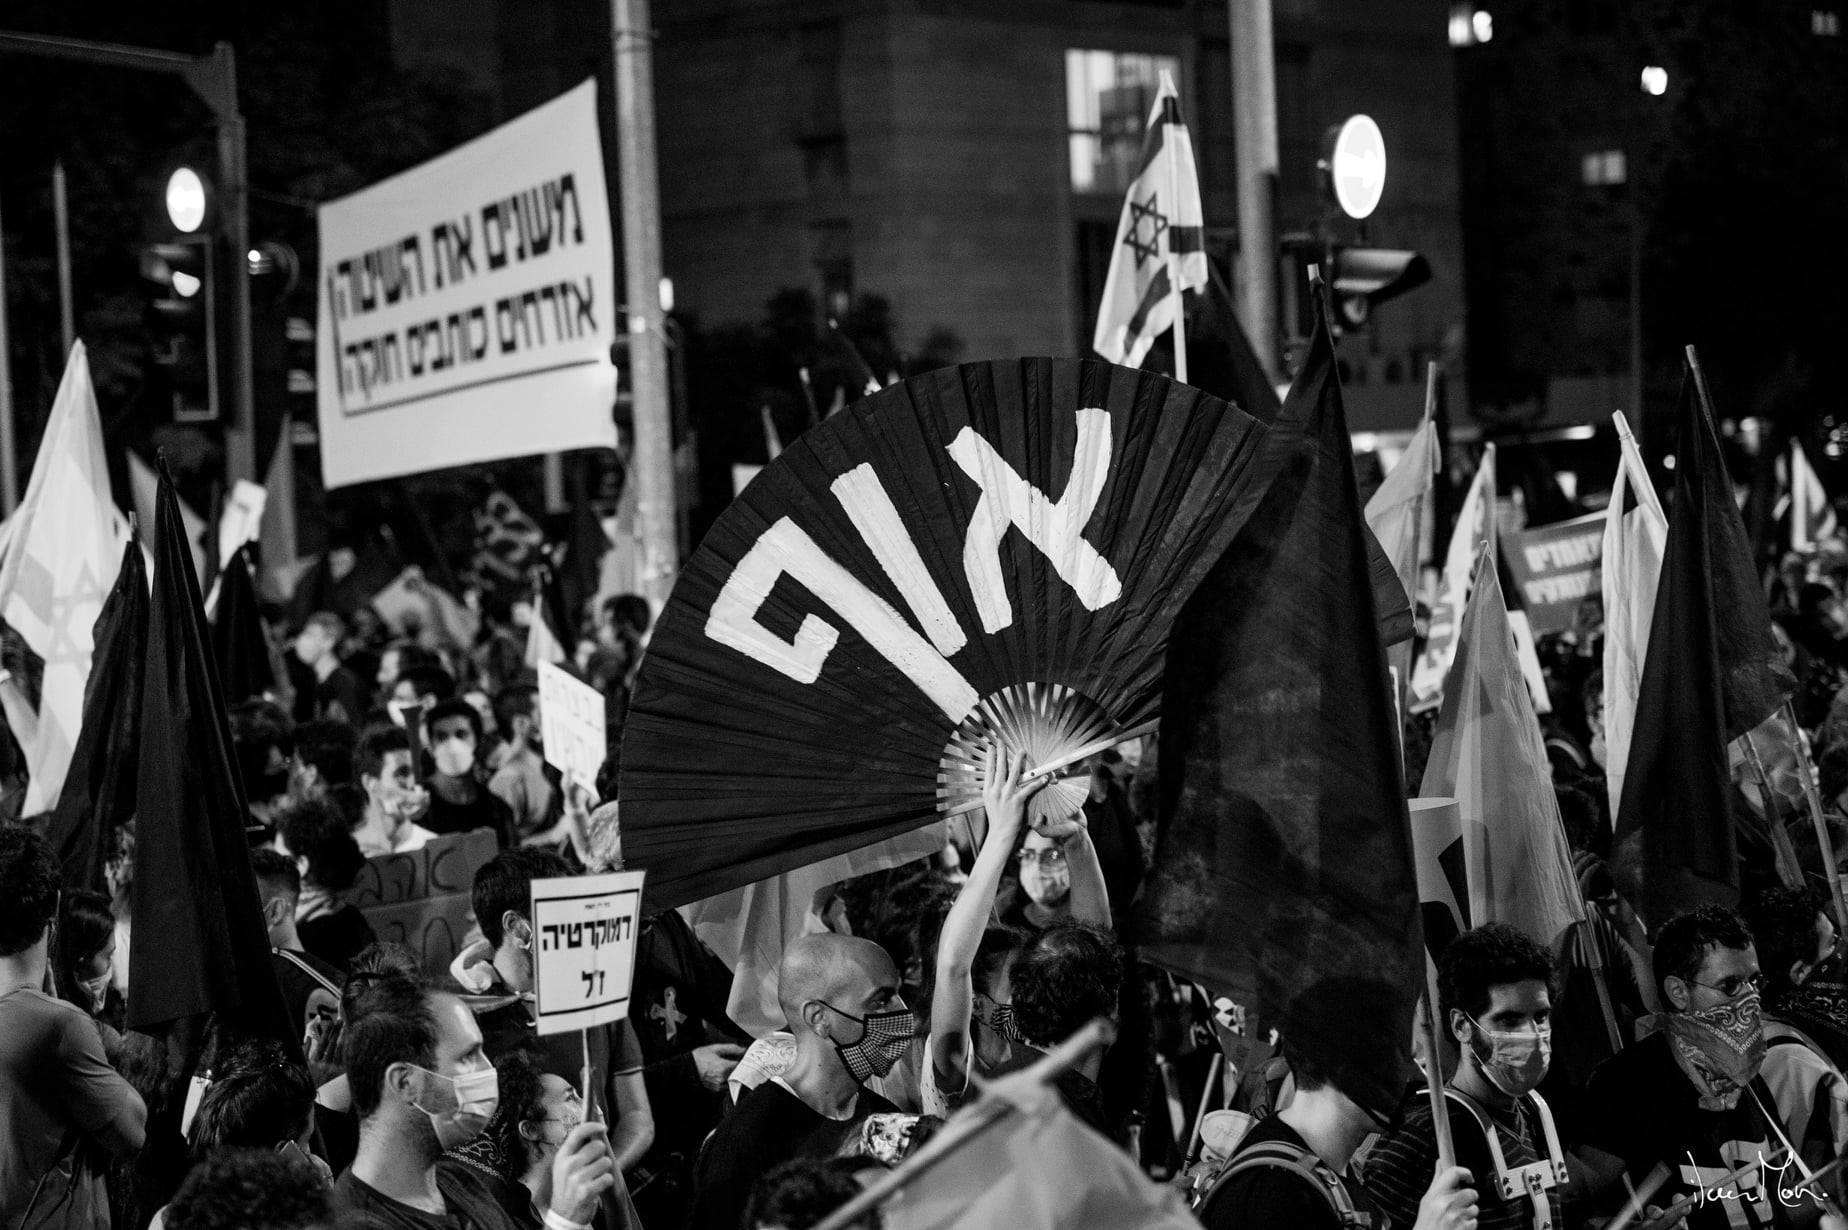 הפגנת בלפור 17.10.2020 | צילום: אילן מור